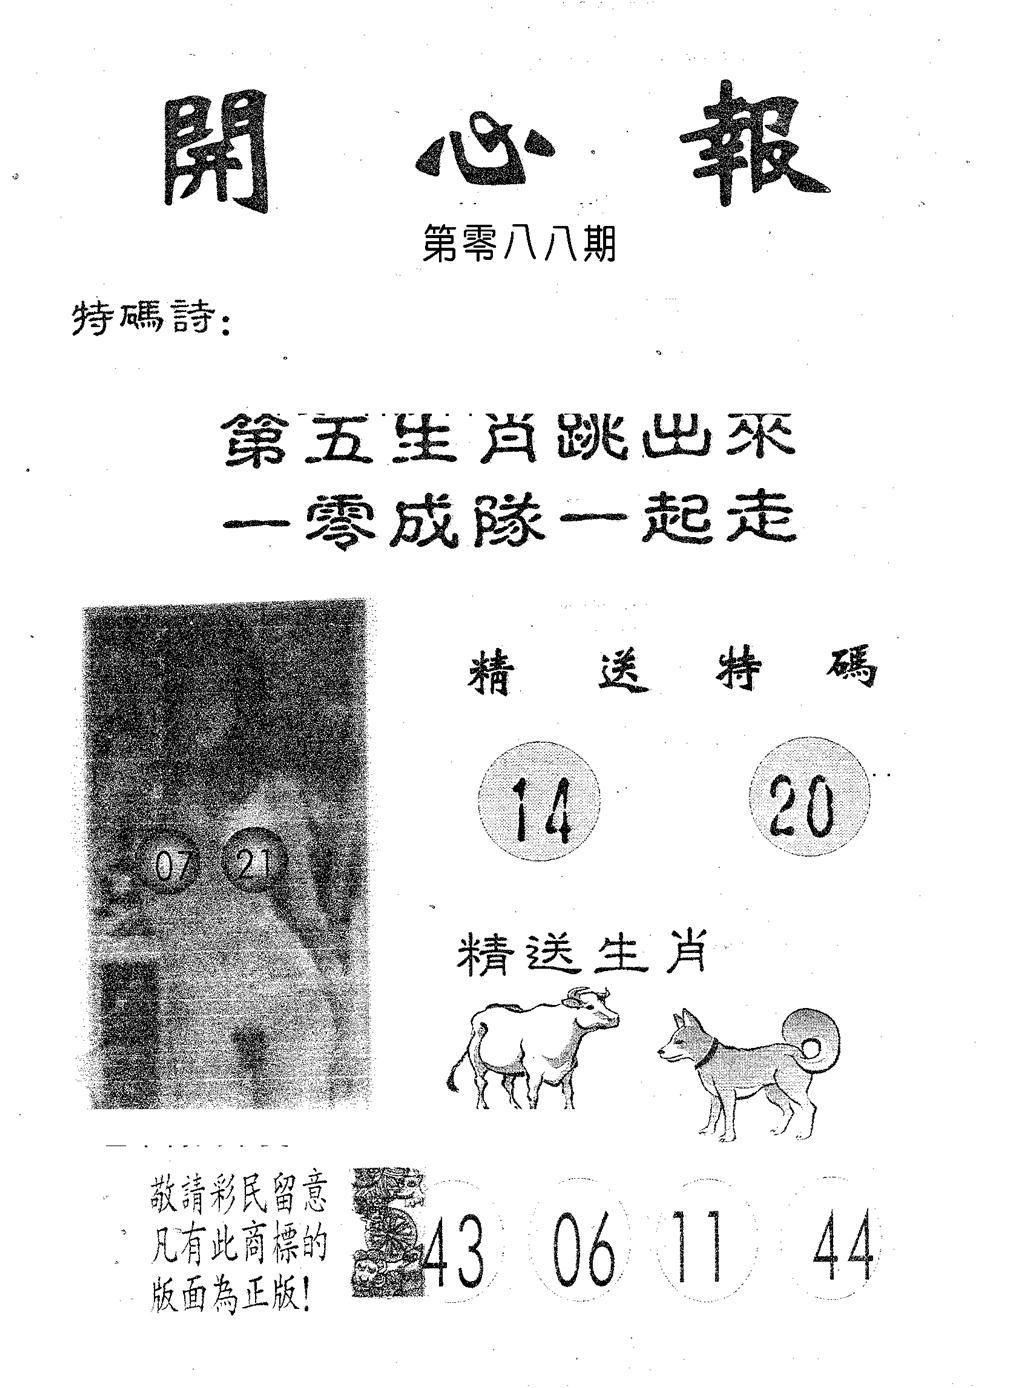 088期开心报(黑白)